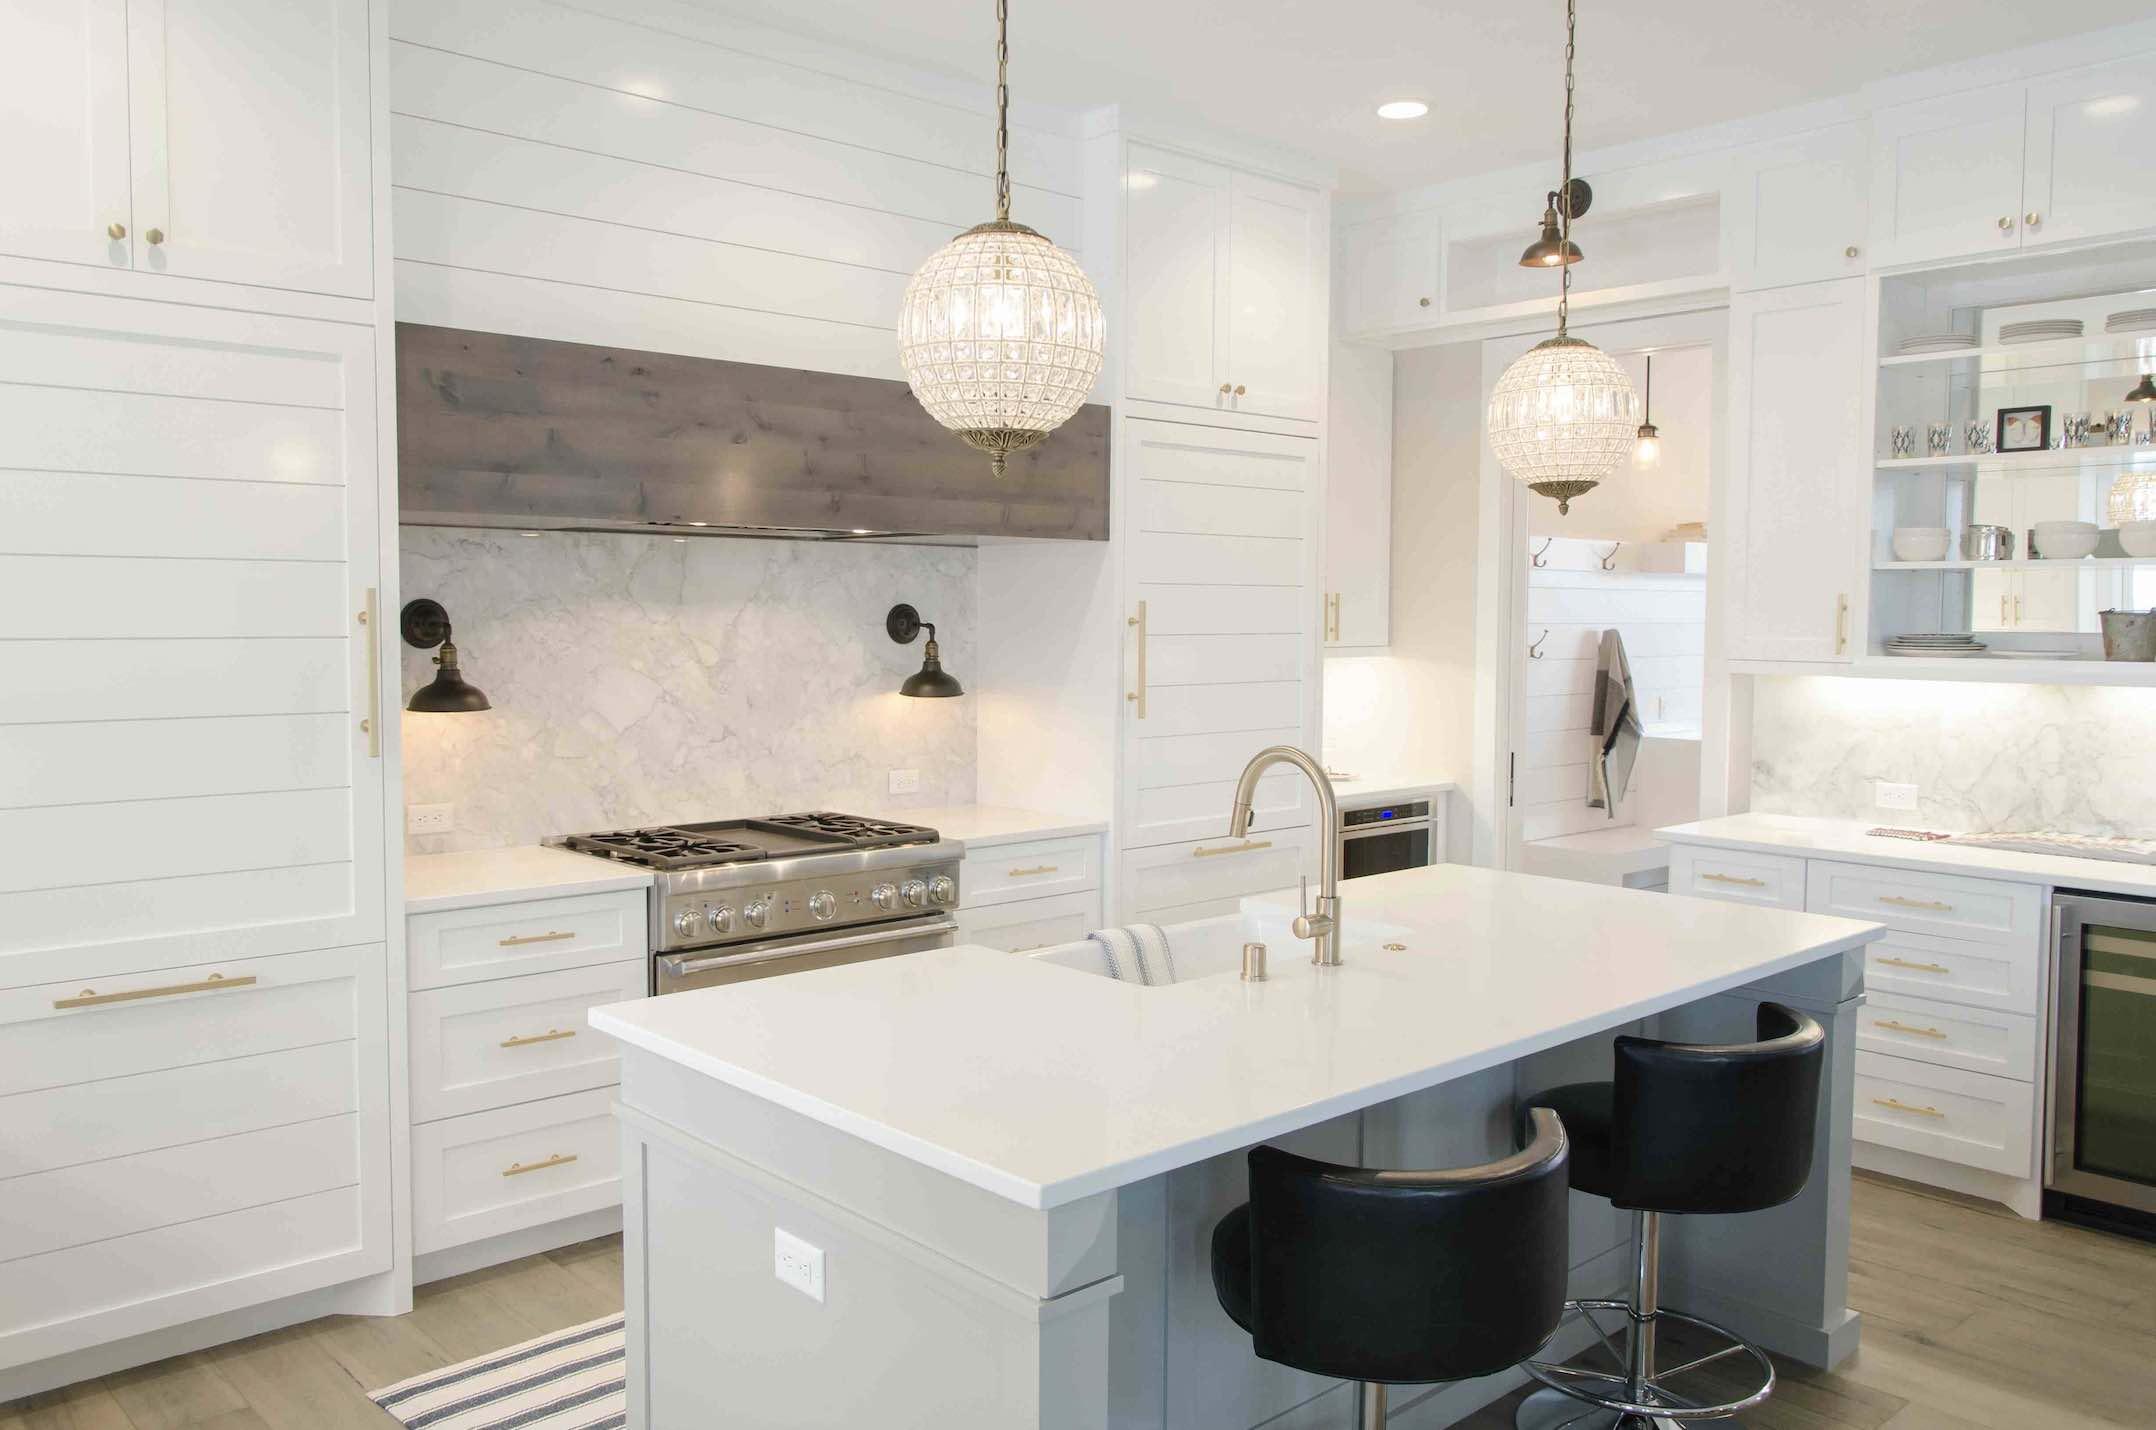 aaron-huber- kitchen luxury living in Braceebridge Ontario-unsplash